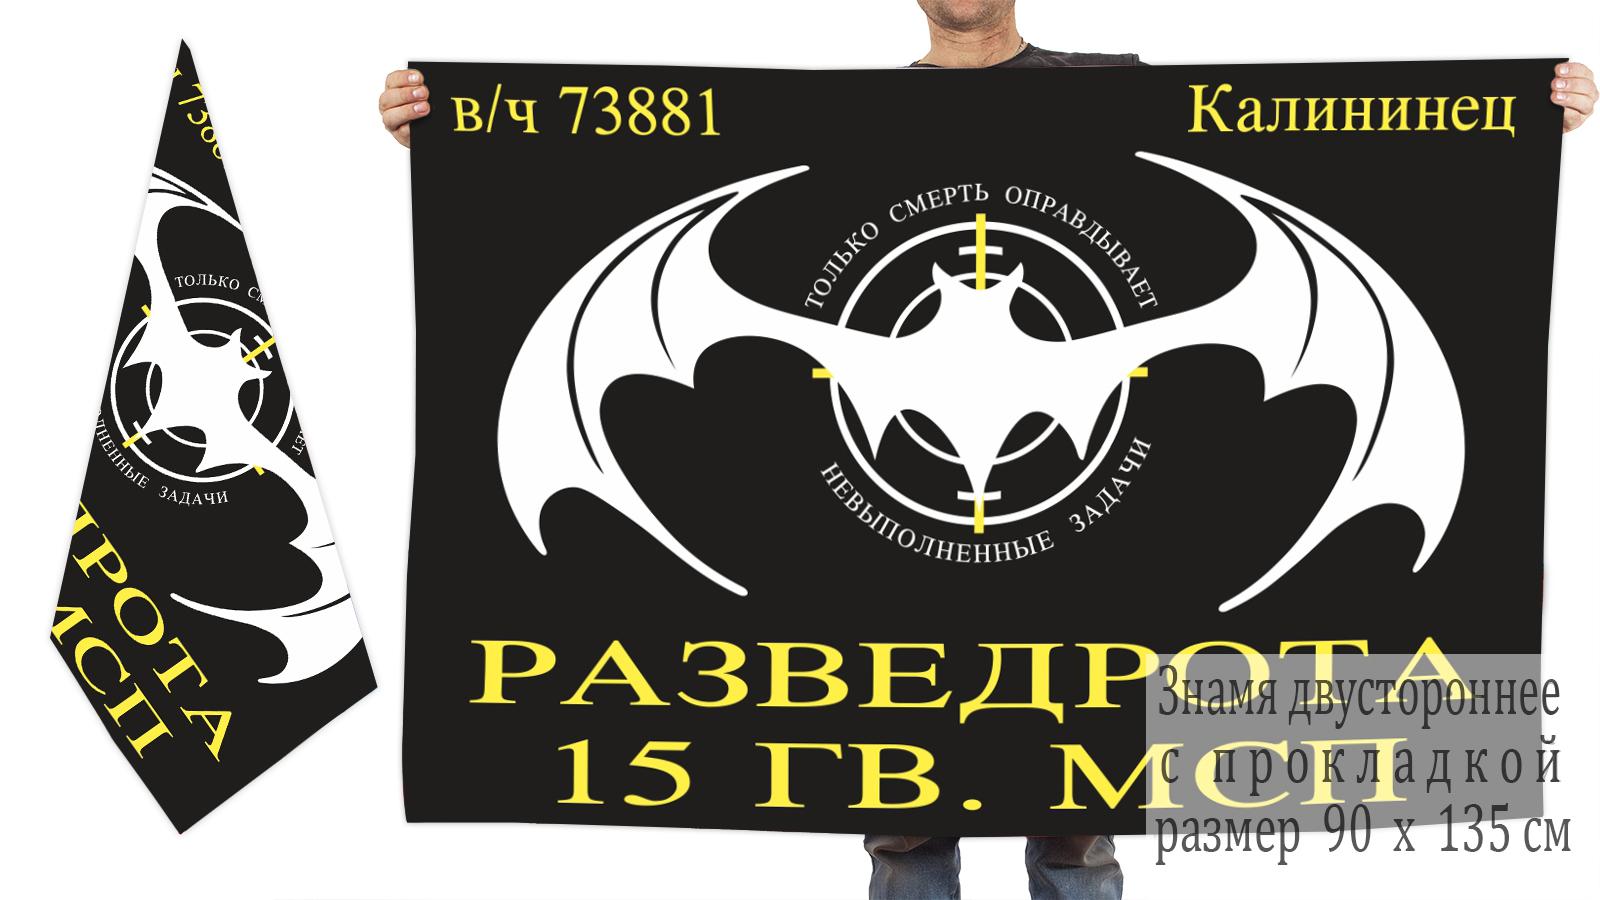 Двусторонний флаг Разведроты 15 Гв. МСП